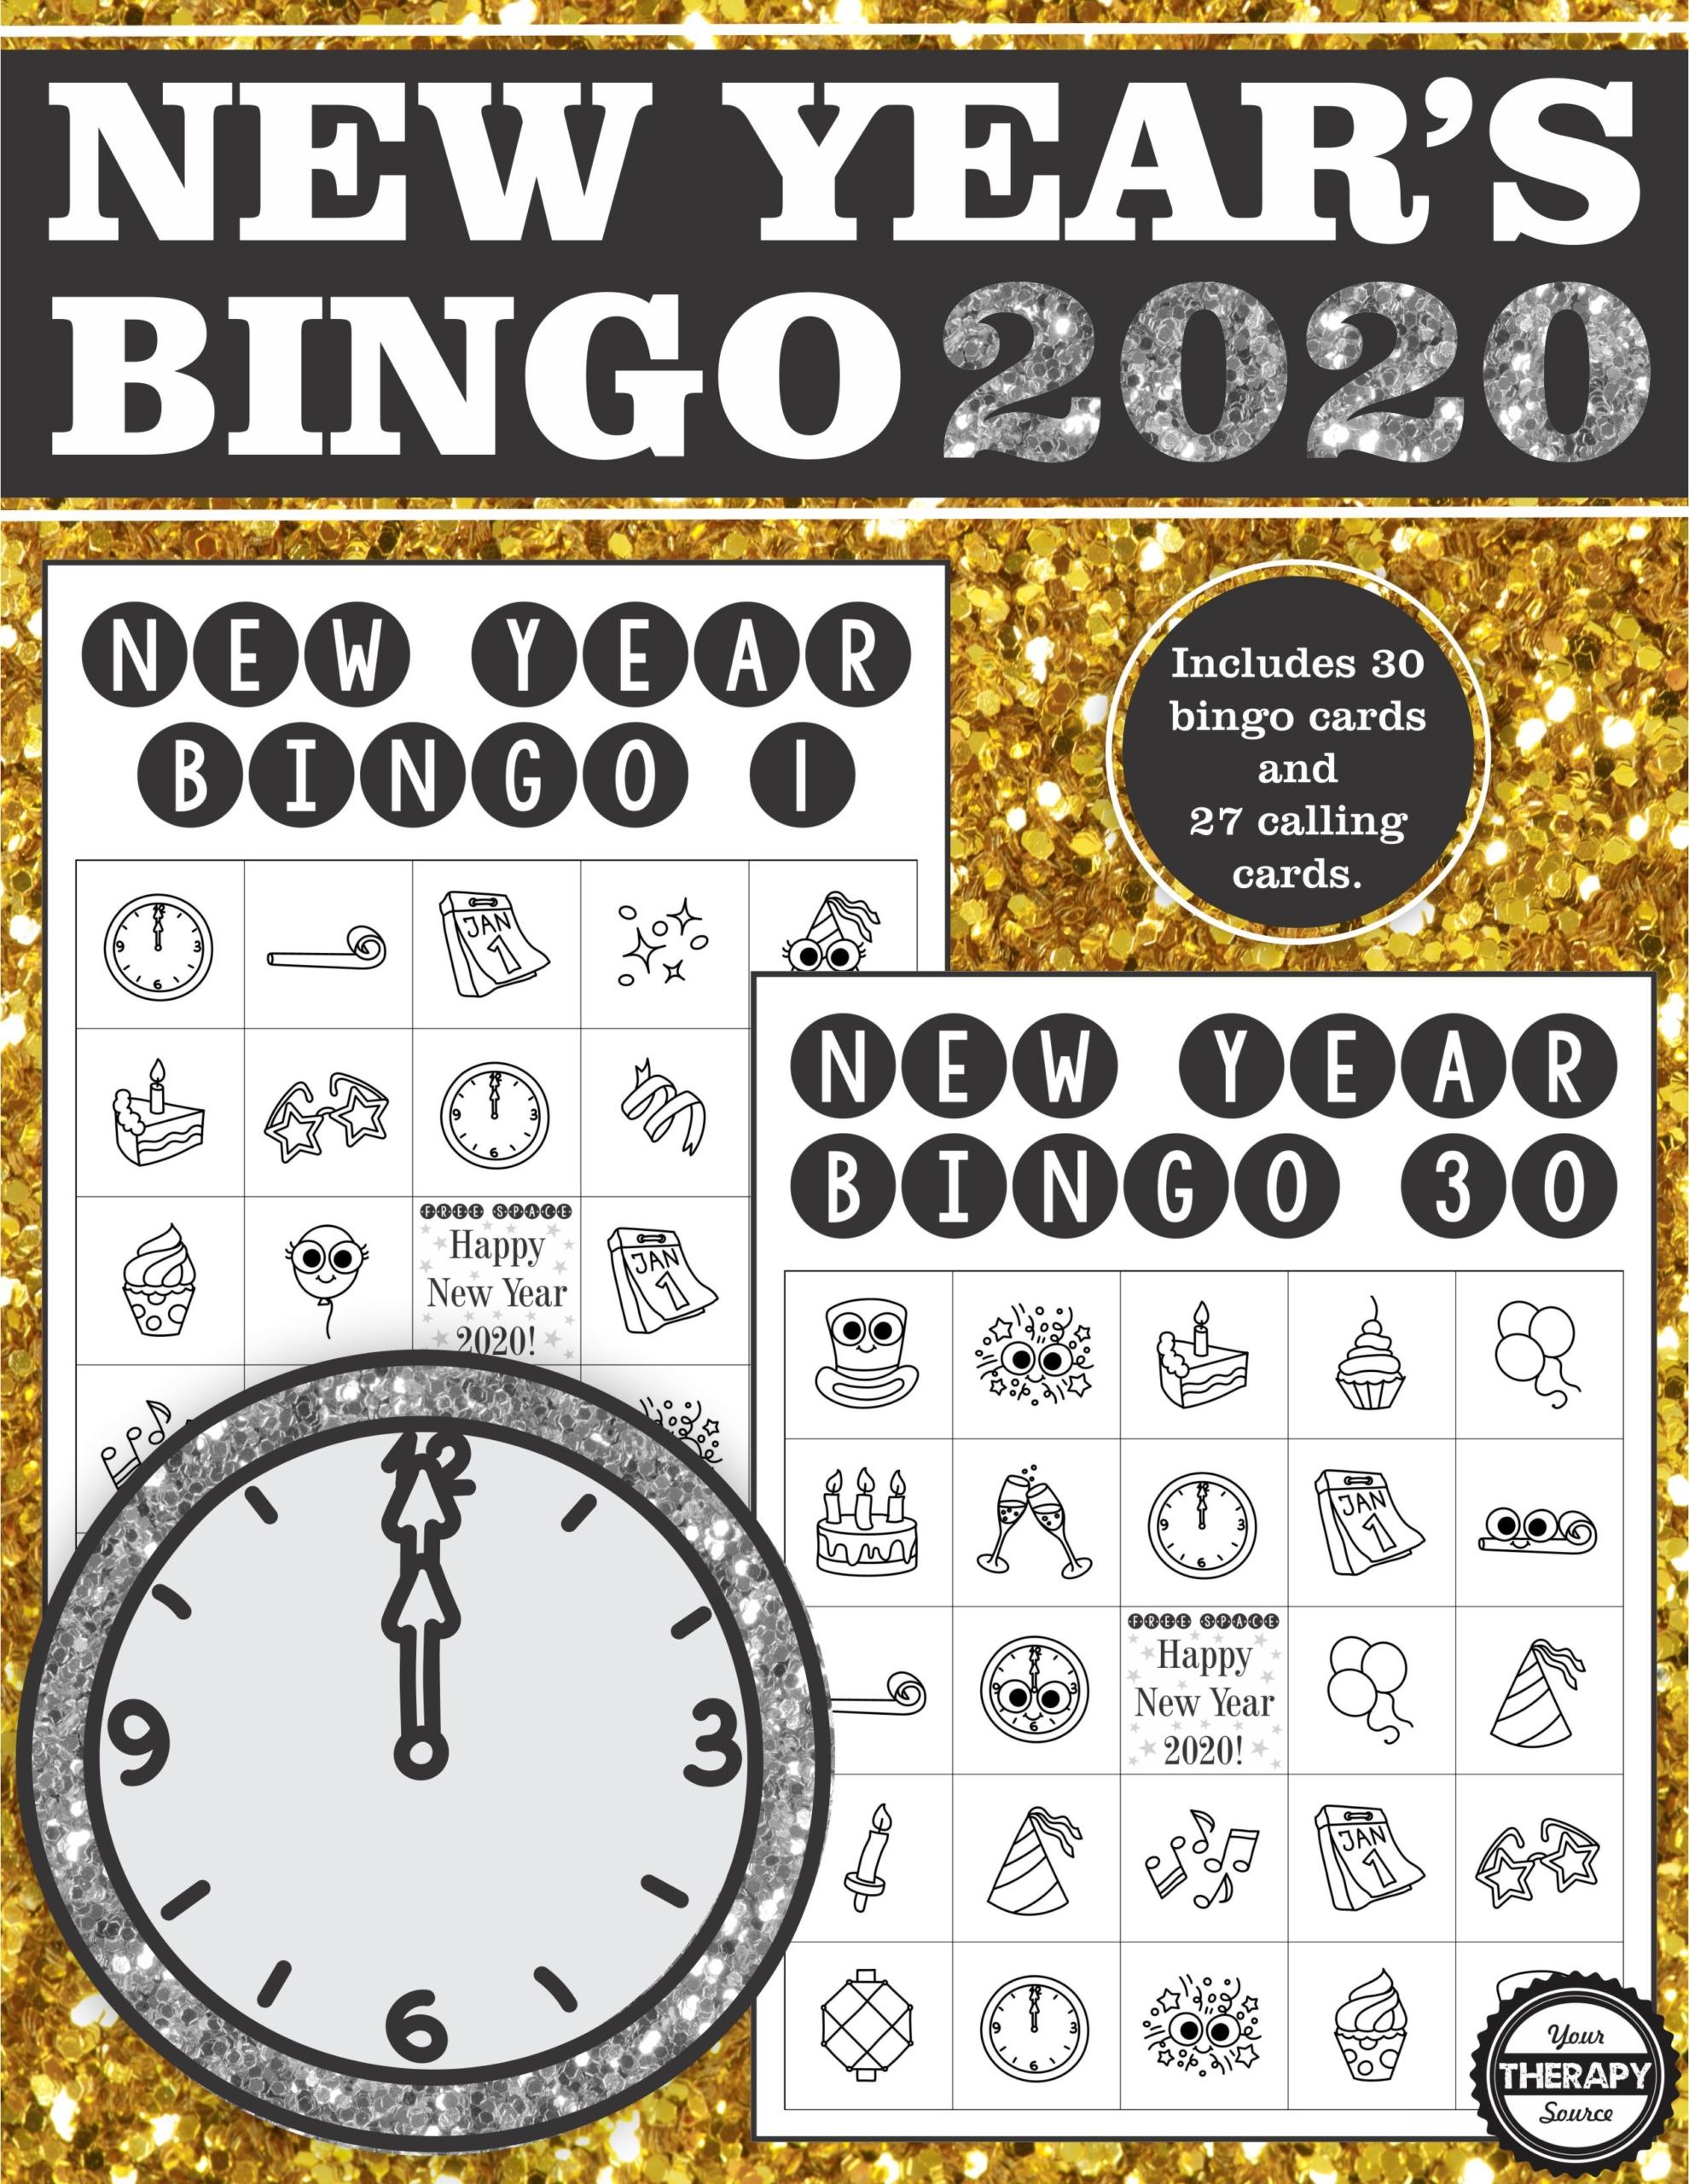 New Year's Bingo 2020